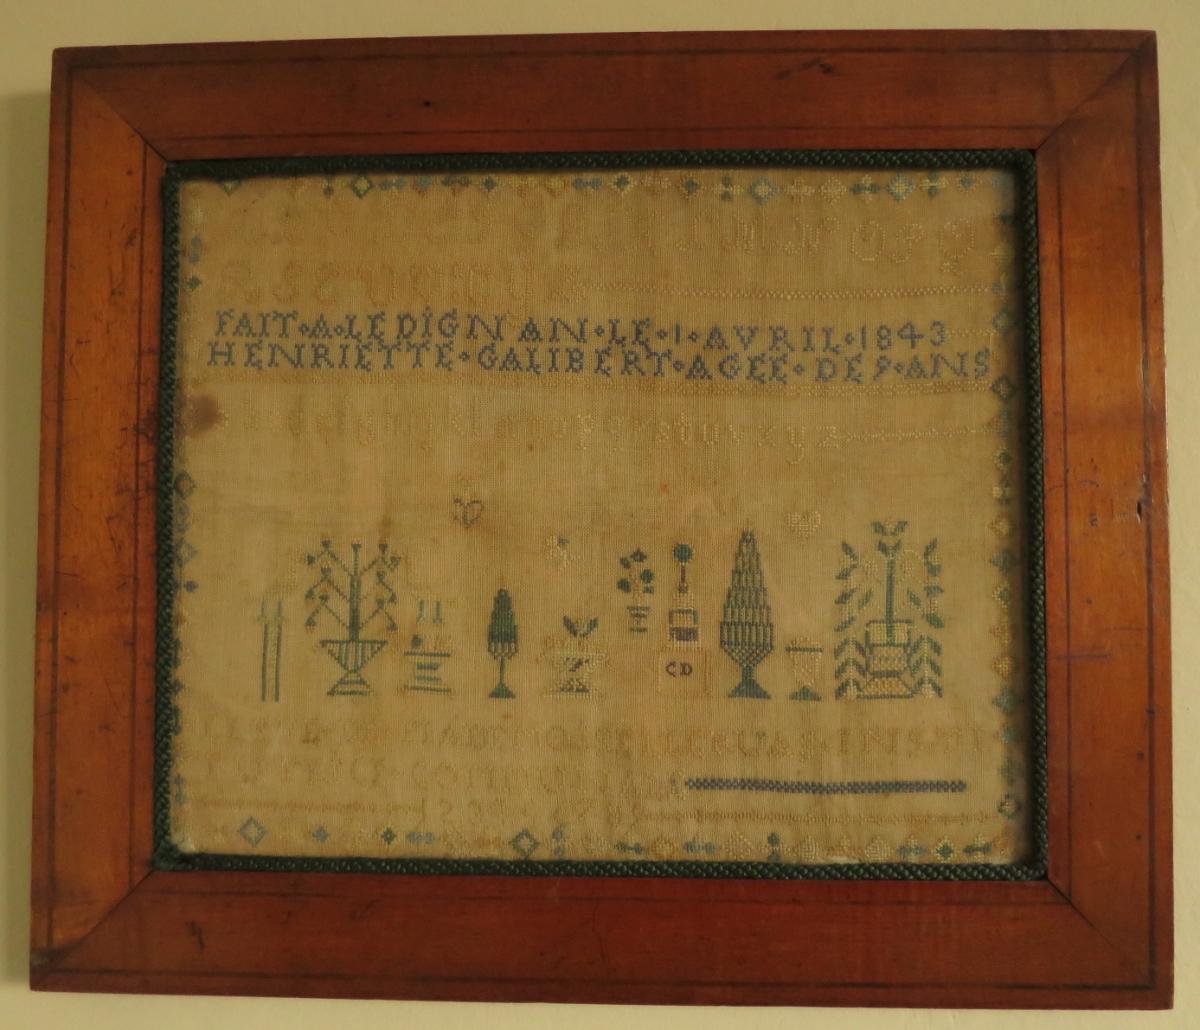 Abécédaire de 1843 brodé au fil de soie sur lin